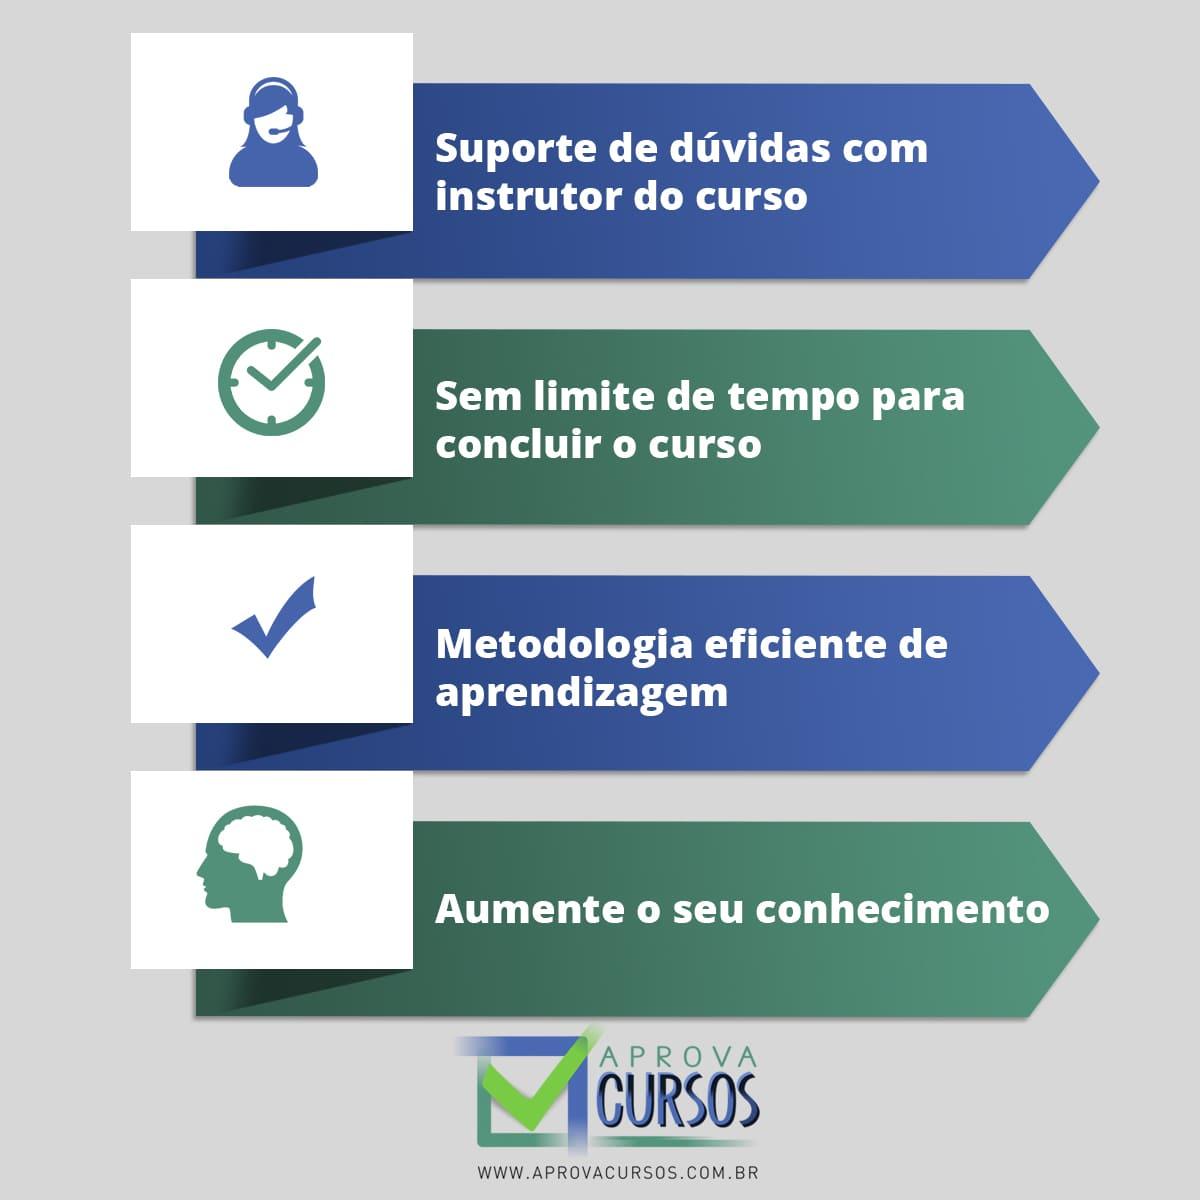 Curso Online de SEO: Otimização de Site/Blog para os Mecanismos de Buscas com Certificado  - Aprova Cursos